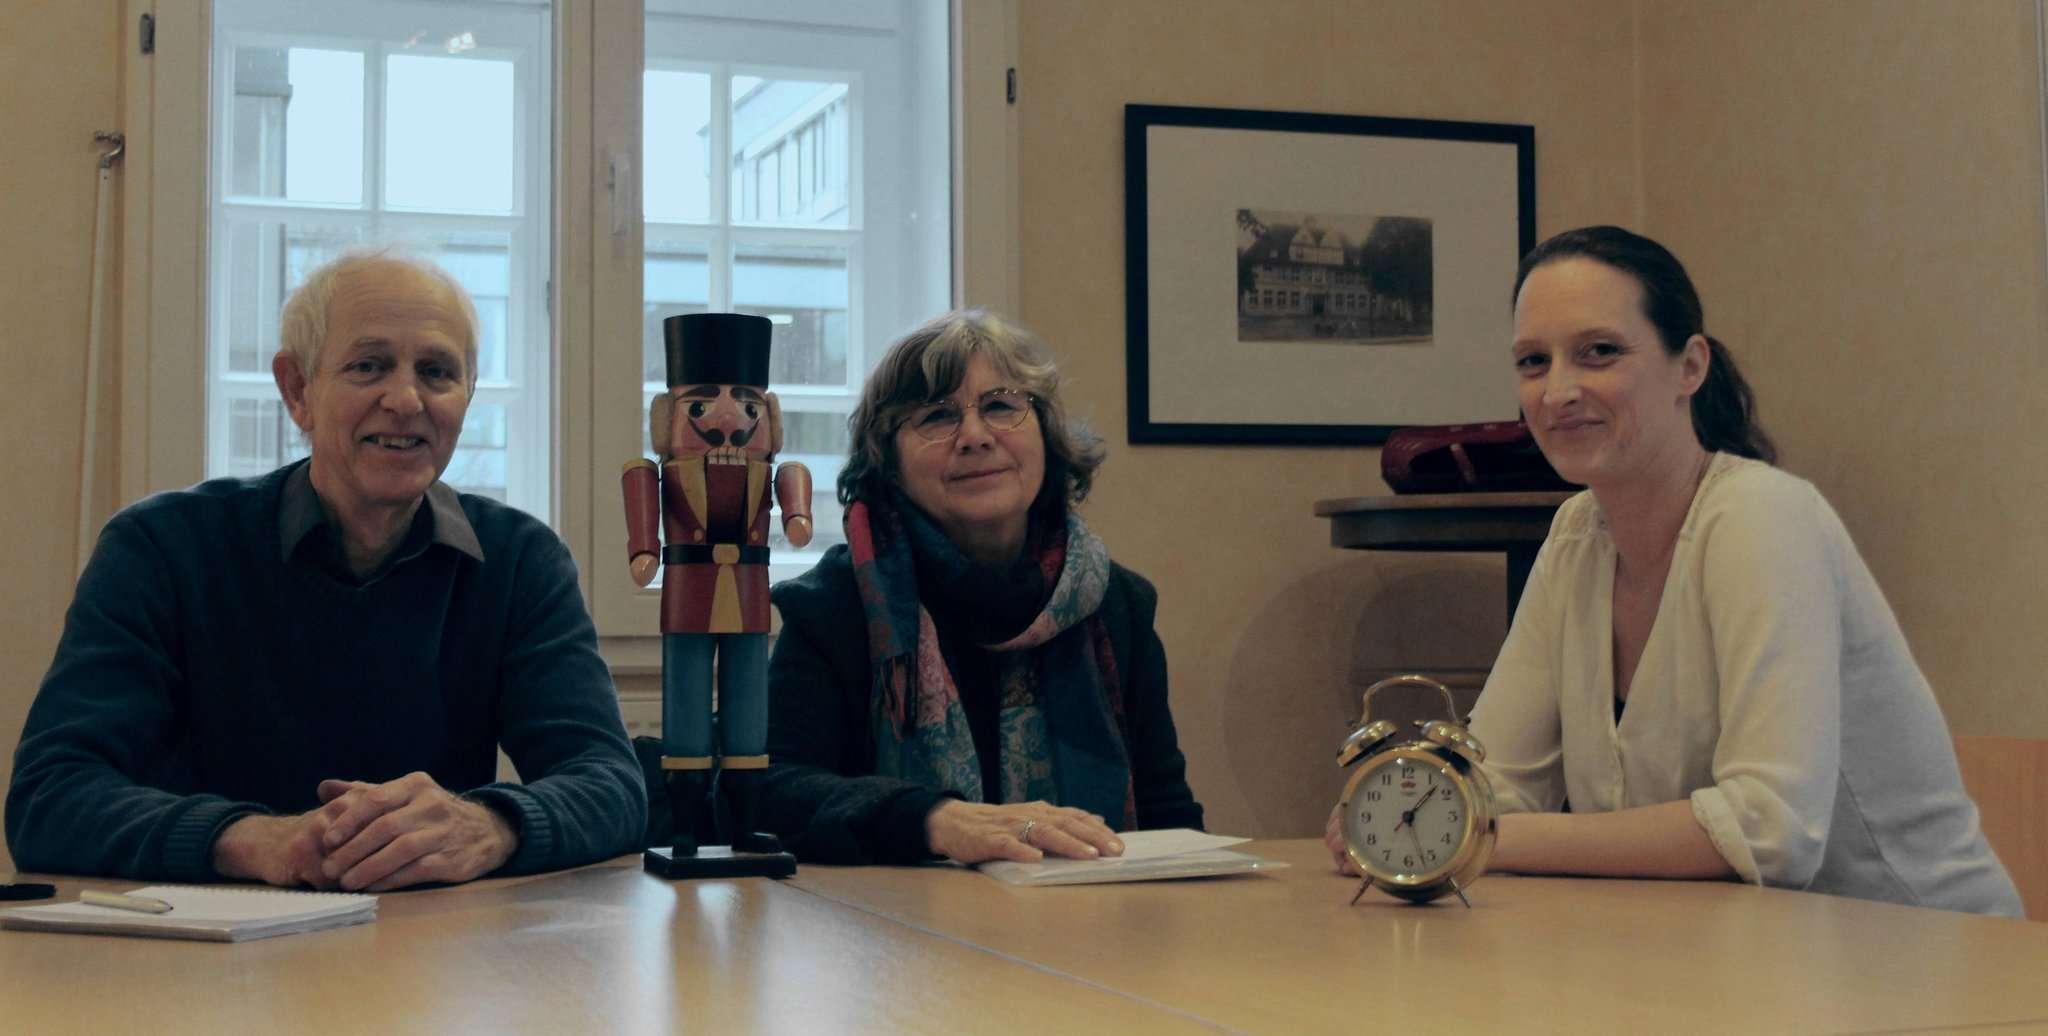 Freuen sich auf die Premiere des Repair-Cafes im Rektorhaus am 6. Februar (von links): Wilfried Voortmann, Sabine Bartram und Jana Czichos.  Foto: Björn Blaak